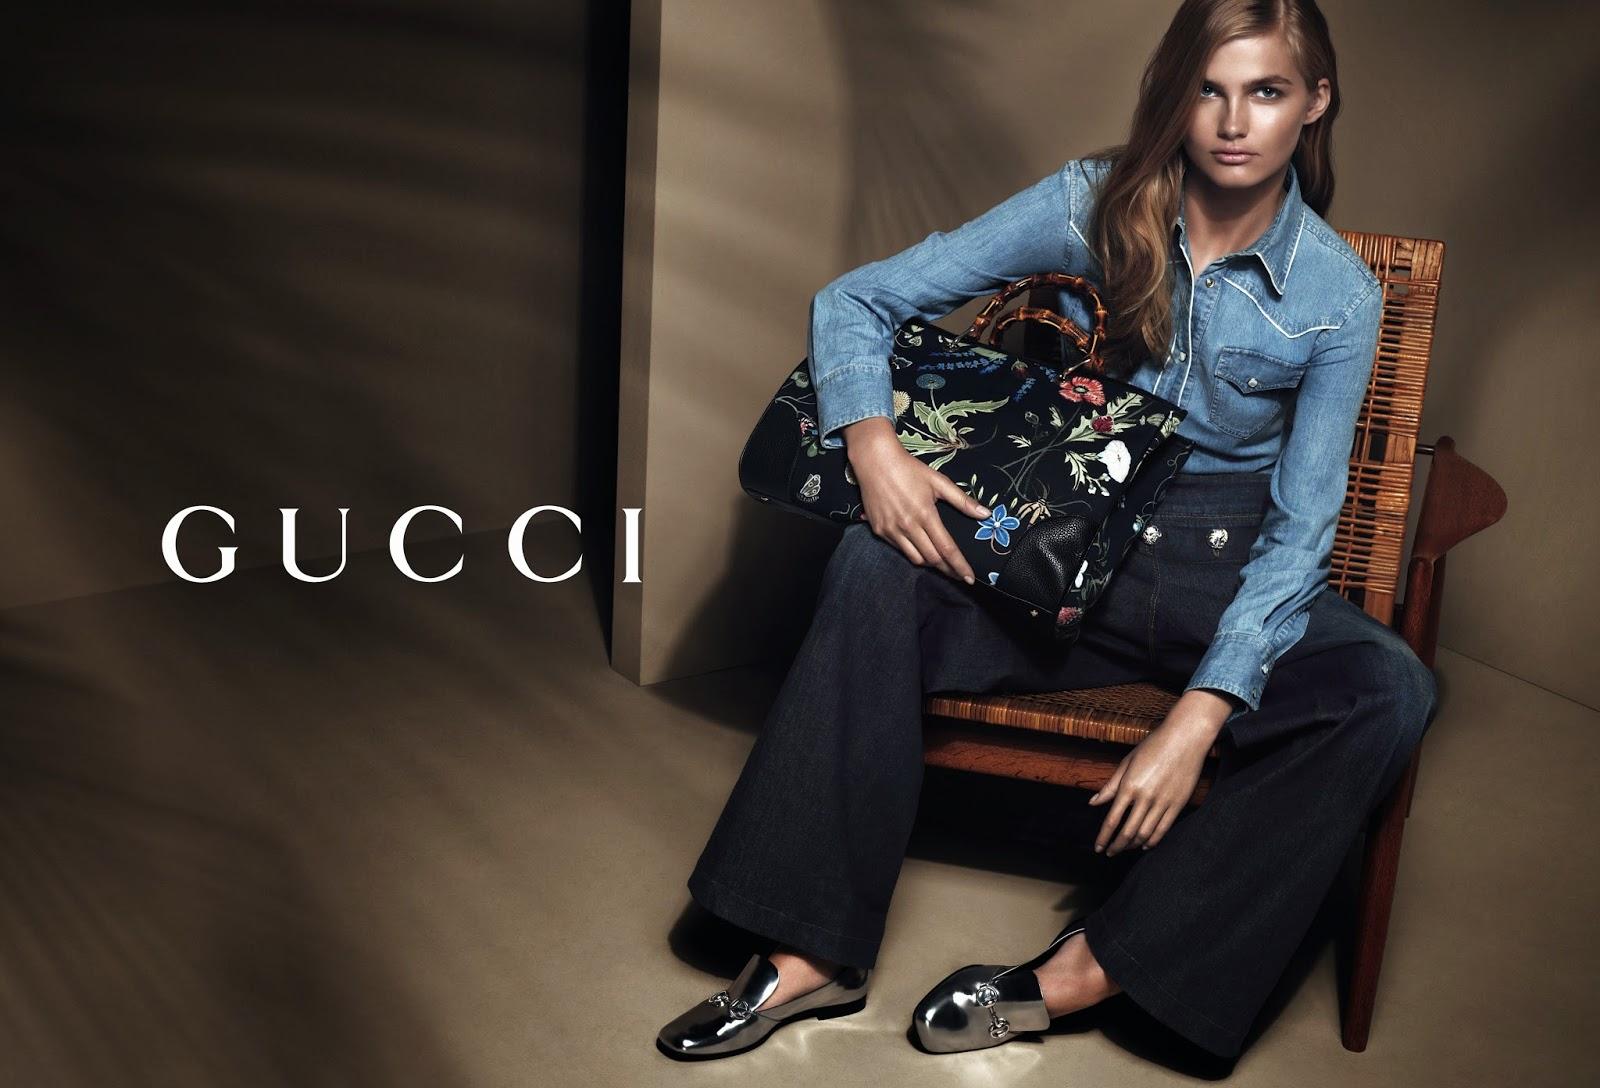 Gucci's Cruise 2015 FULL Ad Campaign!